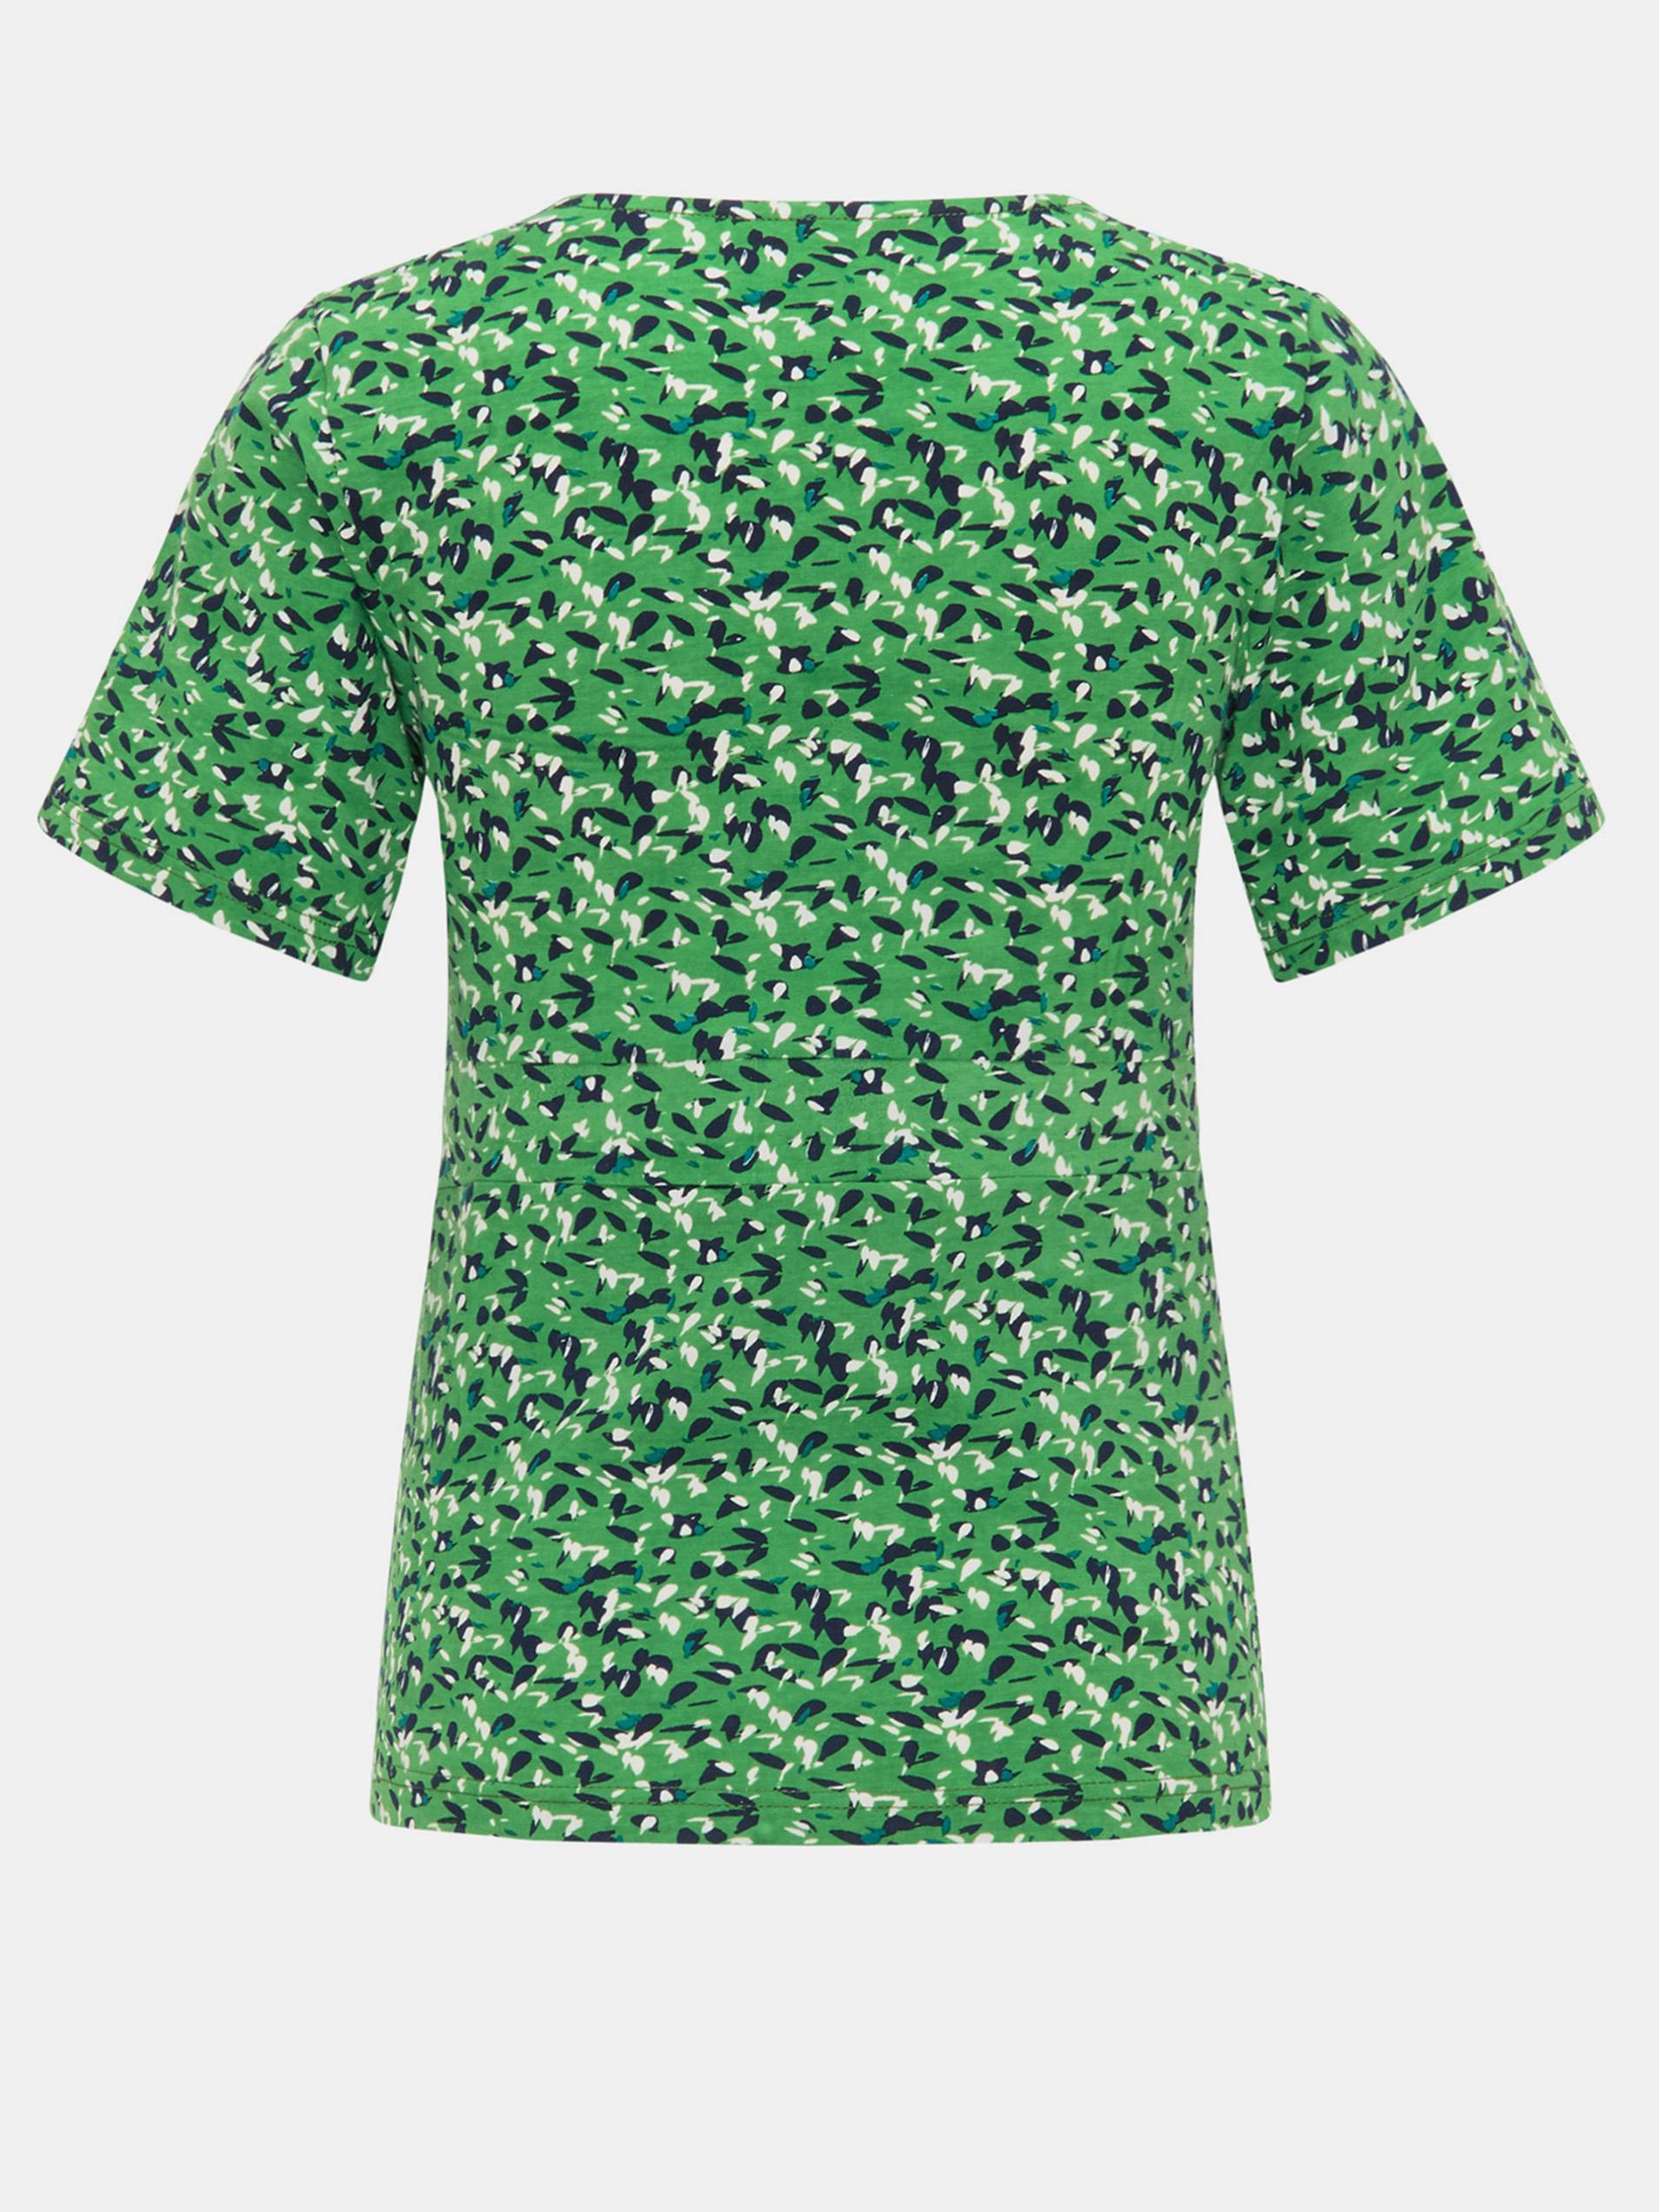 Tranquillo zelena majica z vzorcem